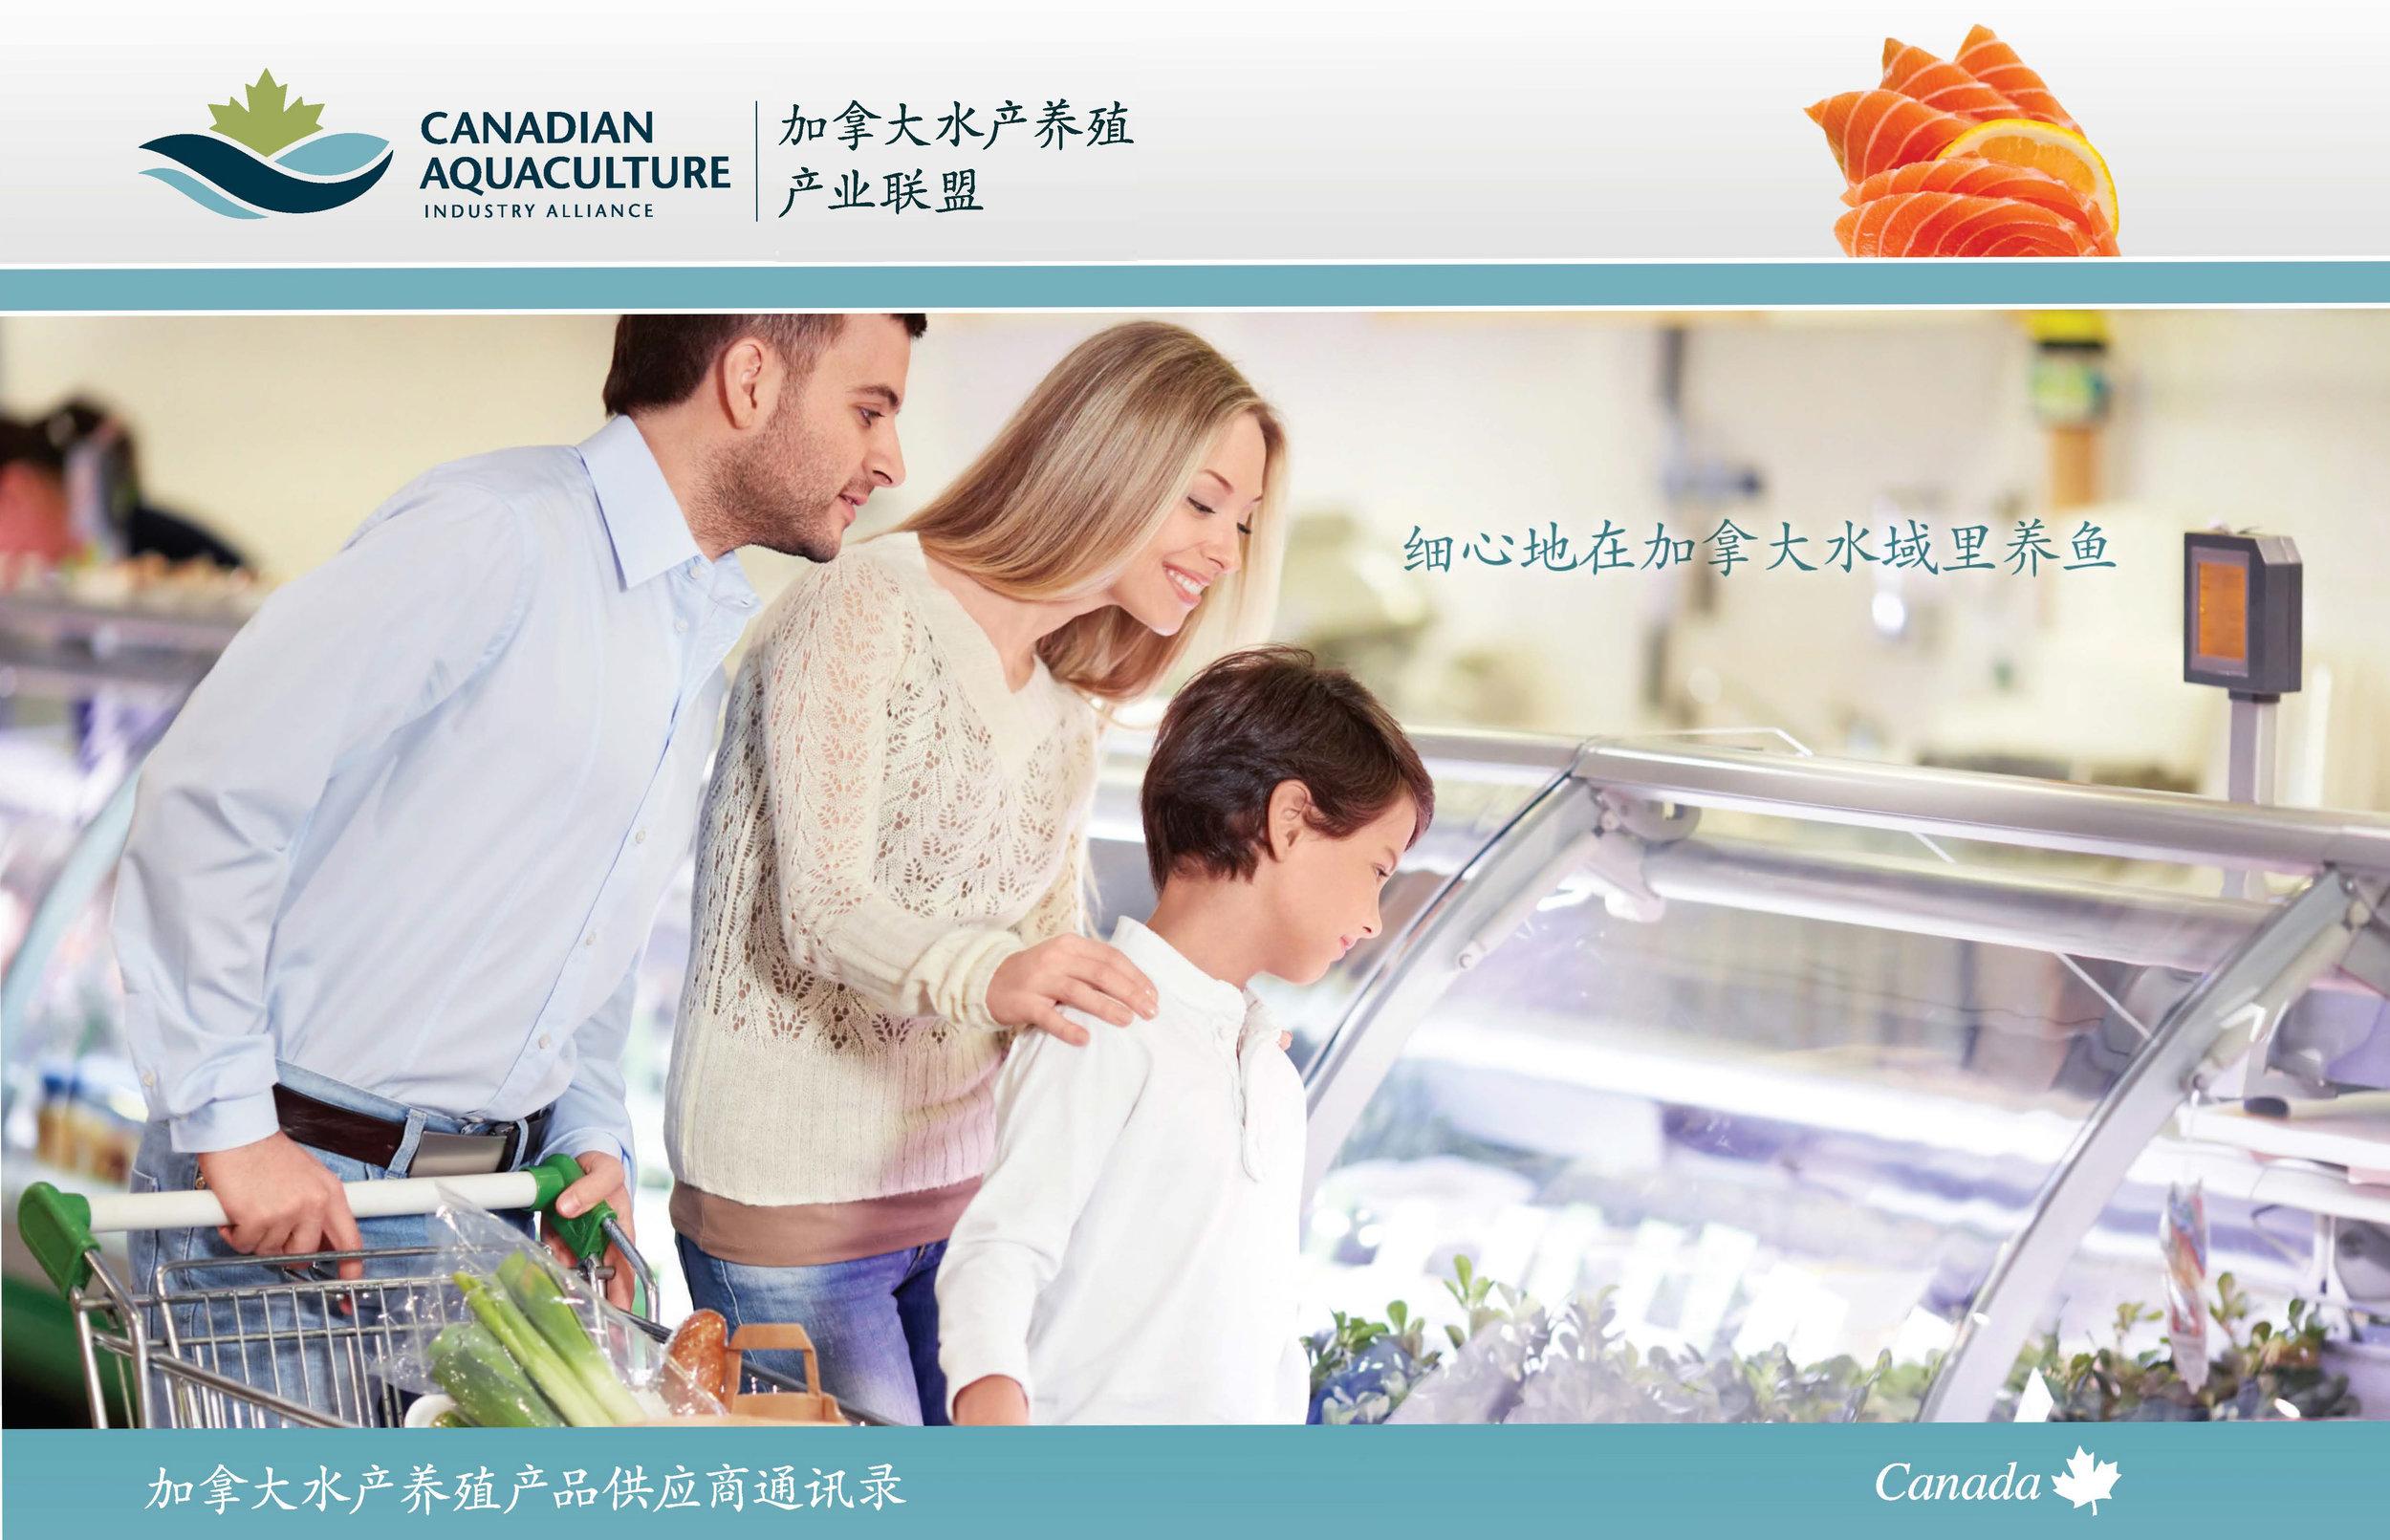 Canada Aquaculture Products Supplier Contacts  (Mandarin Version)